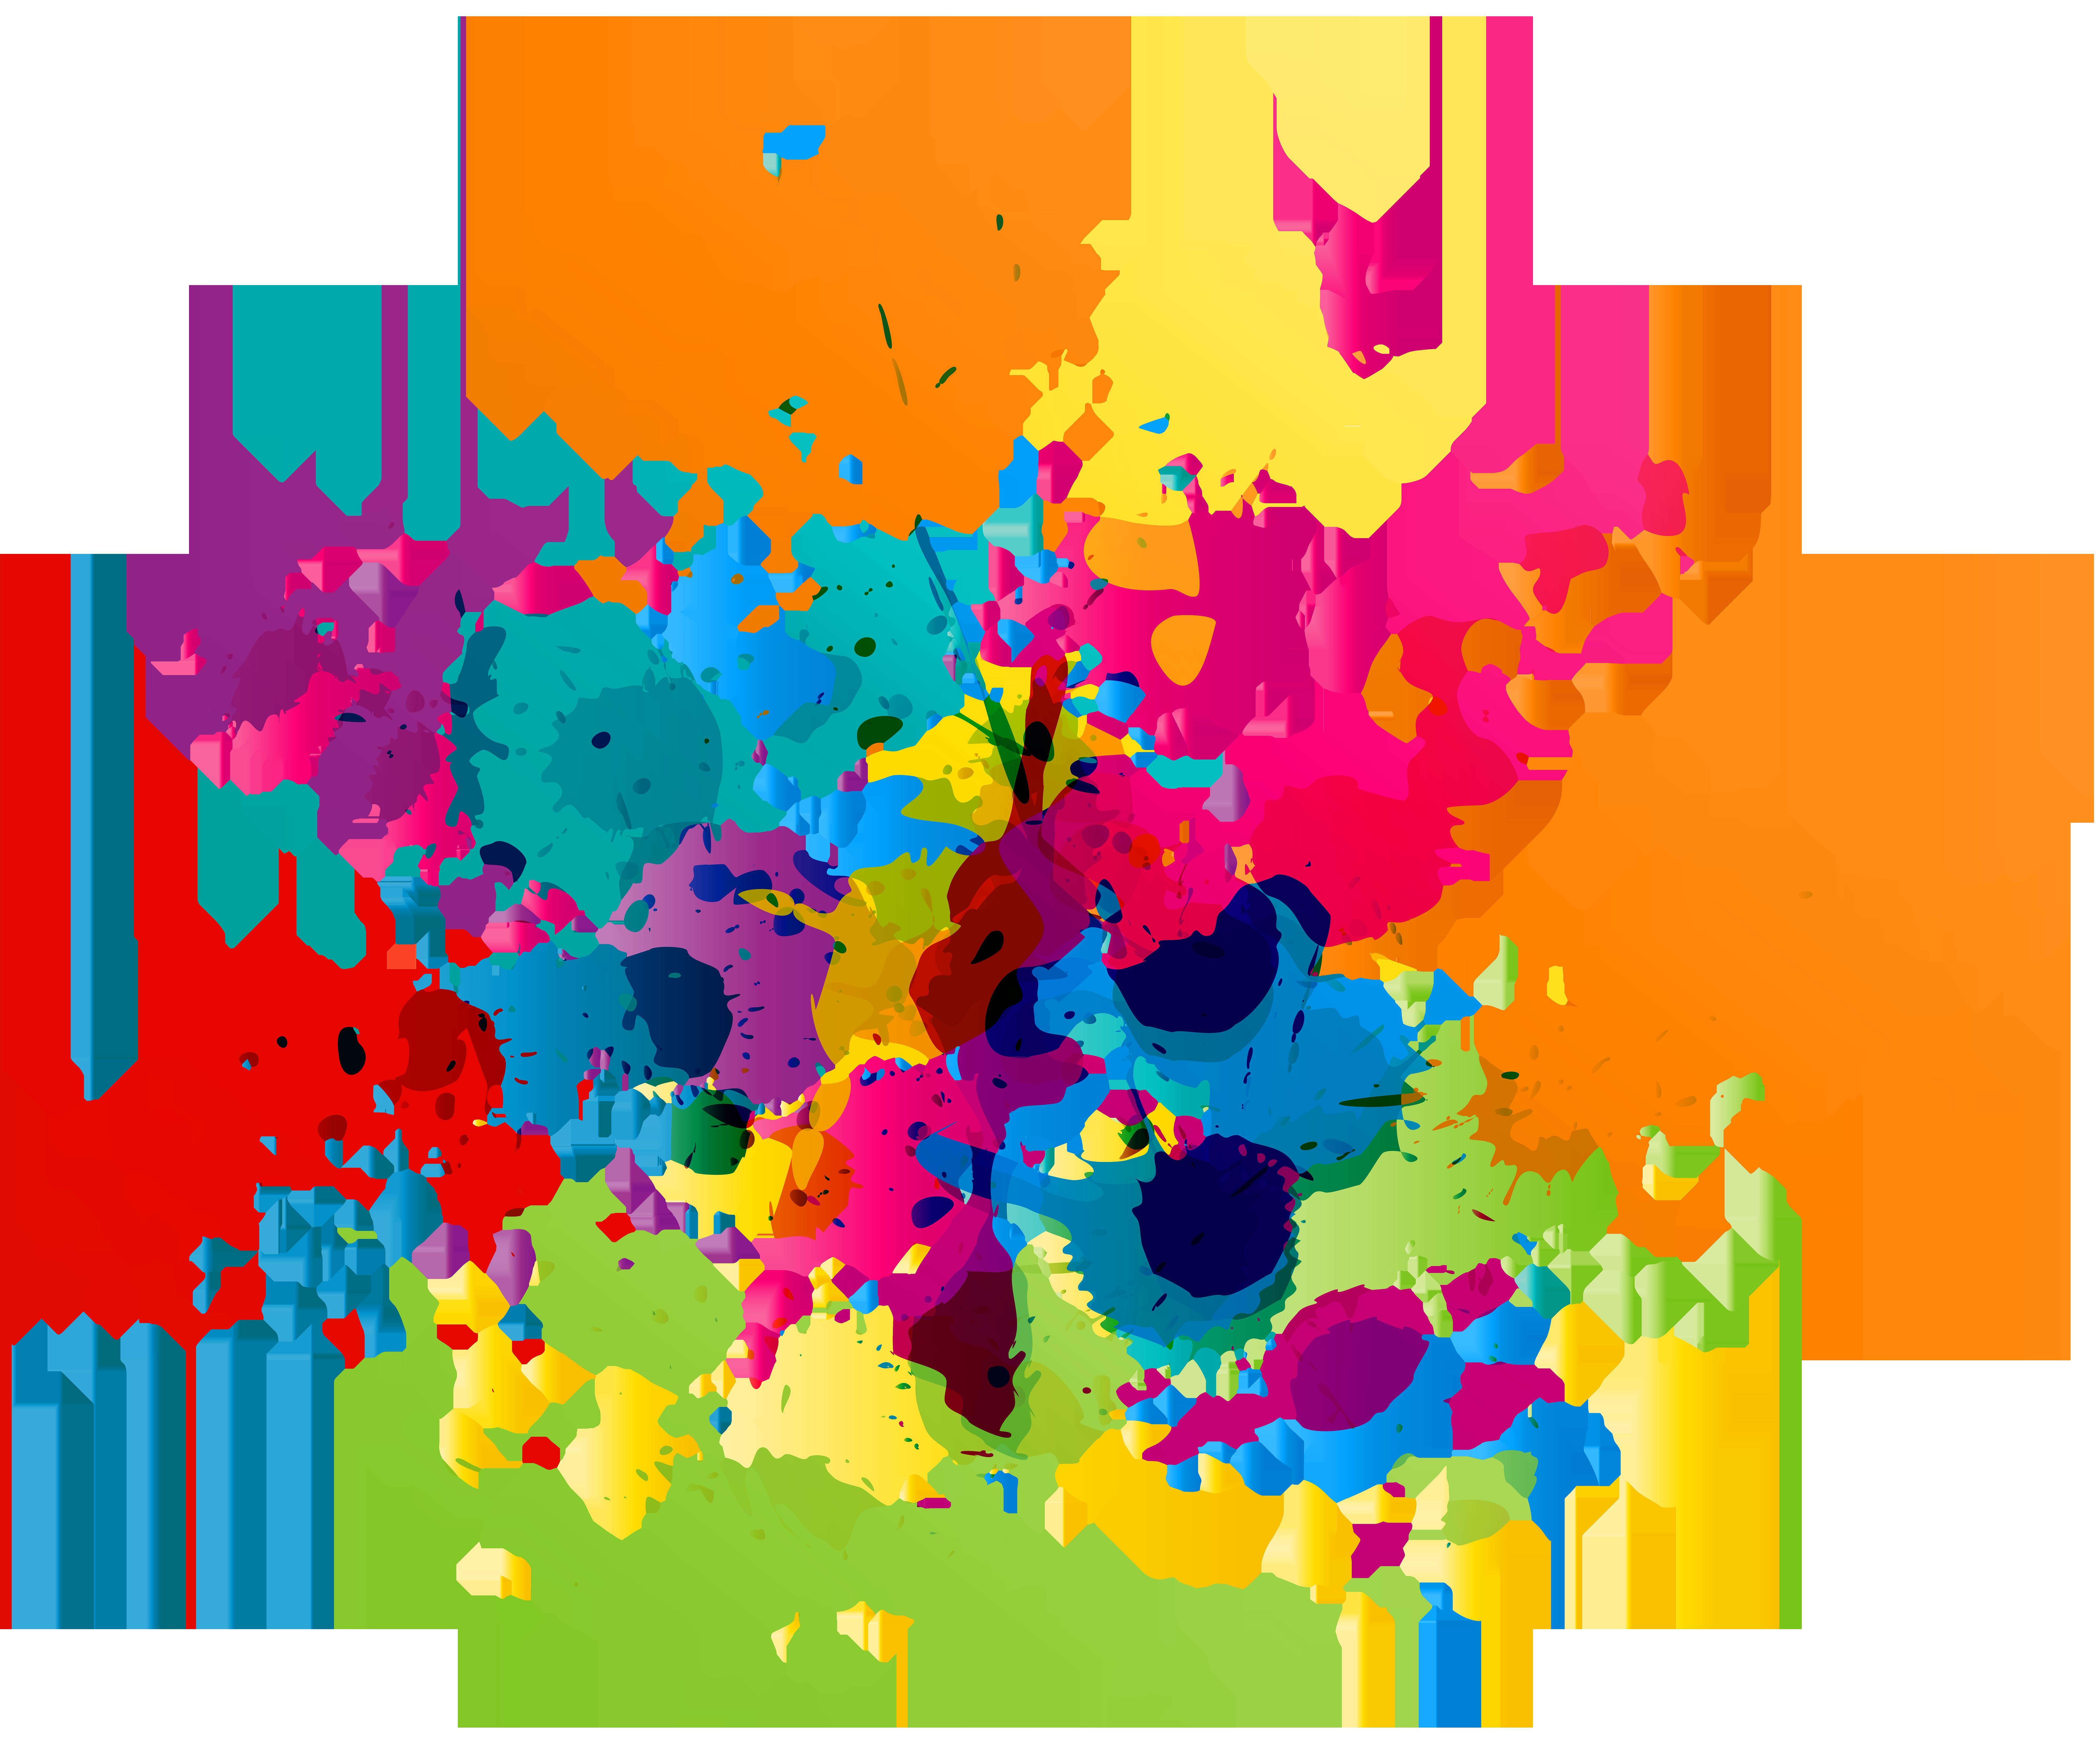 Colorful Paint Splatter Transparent Clip Art Image.